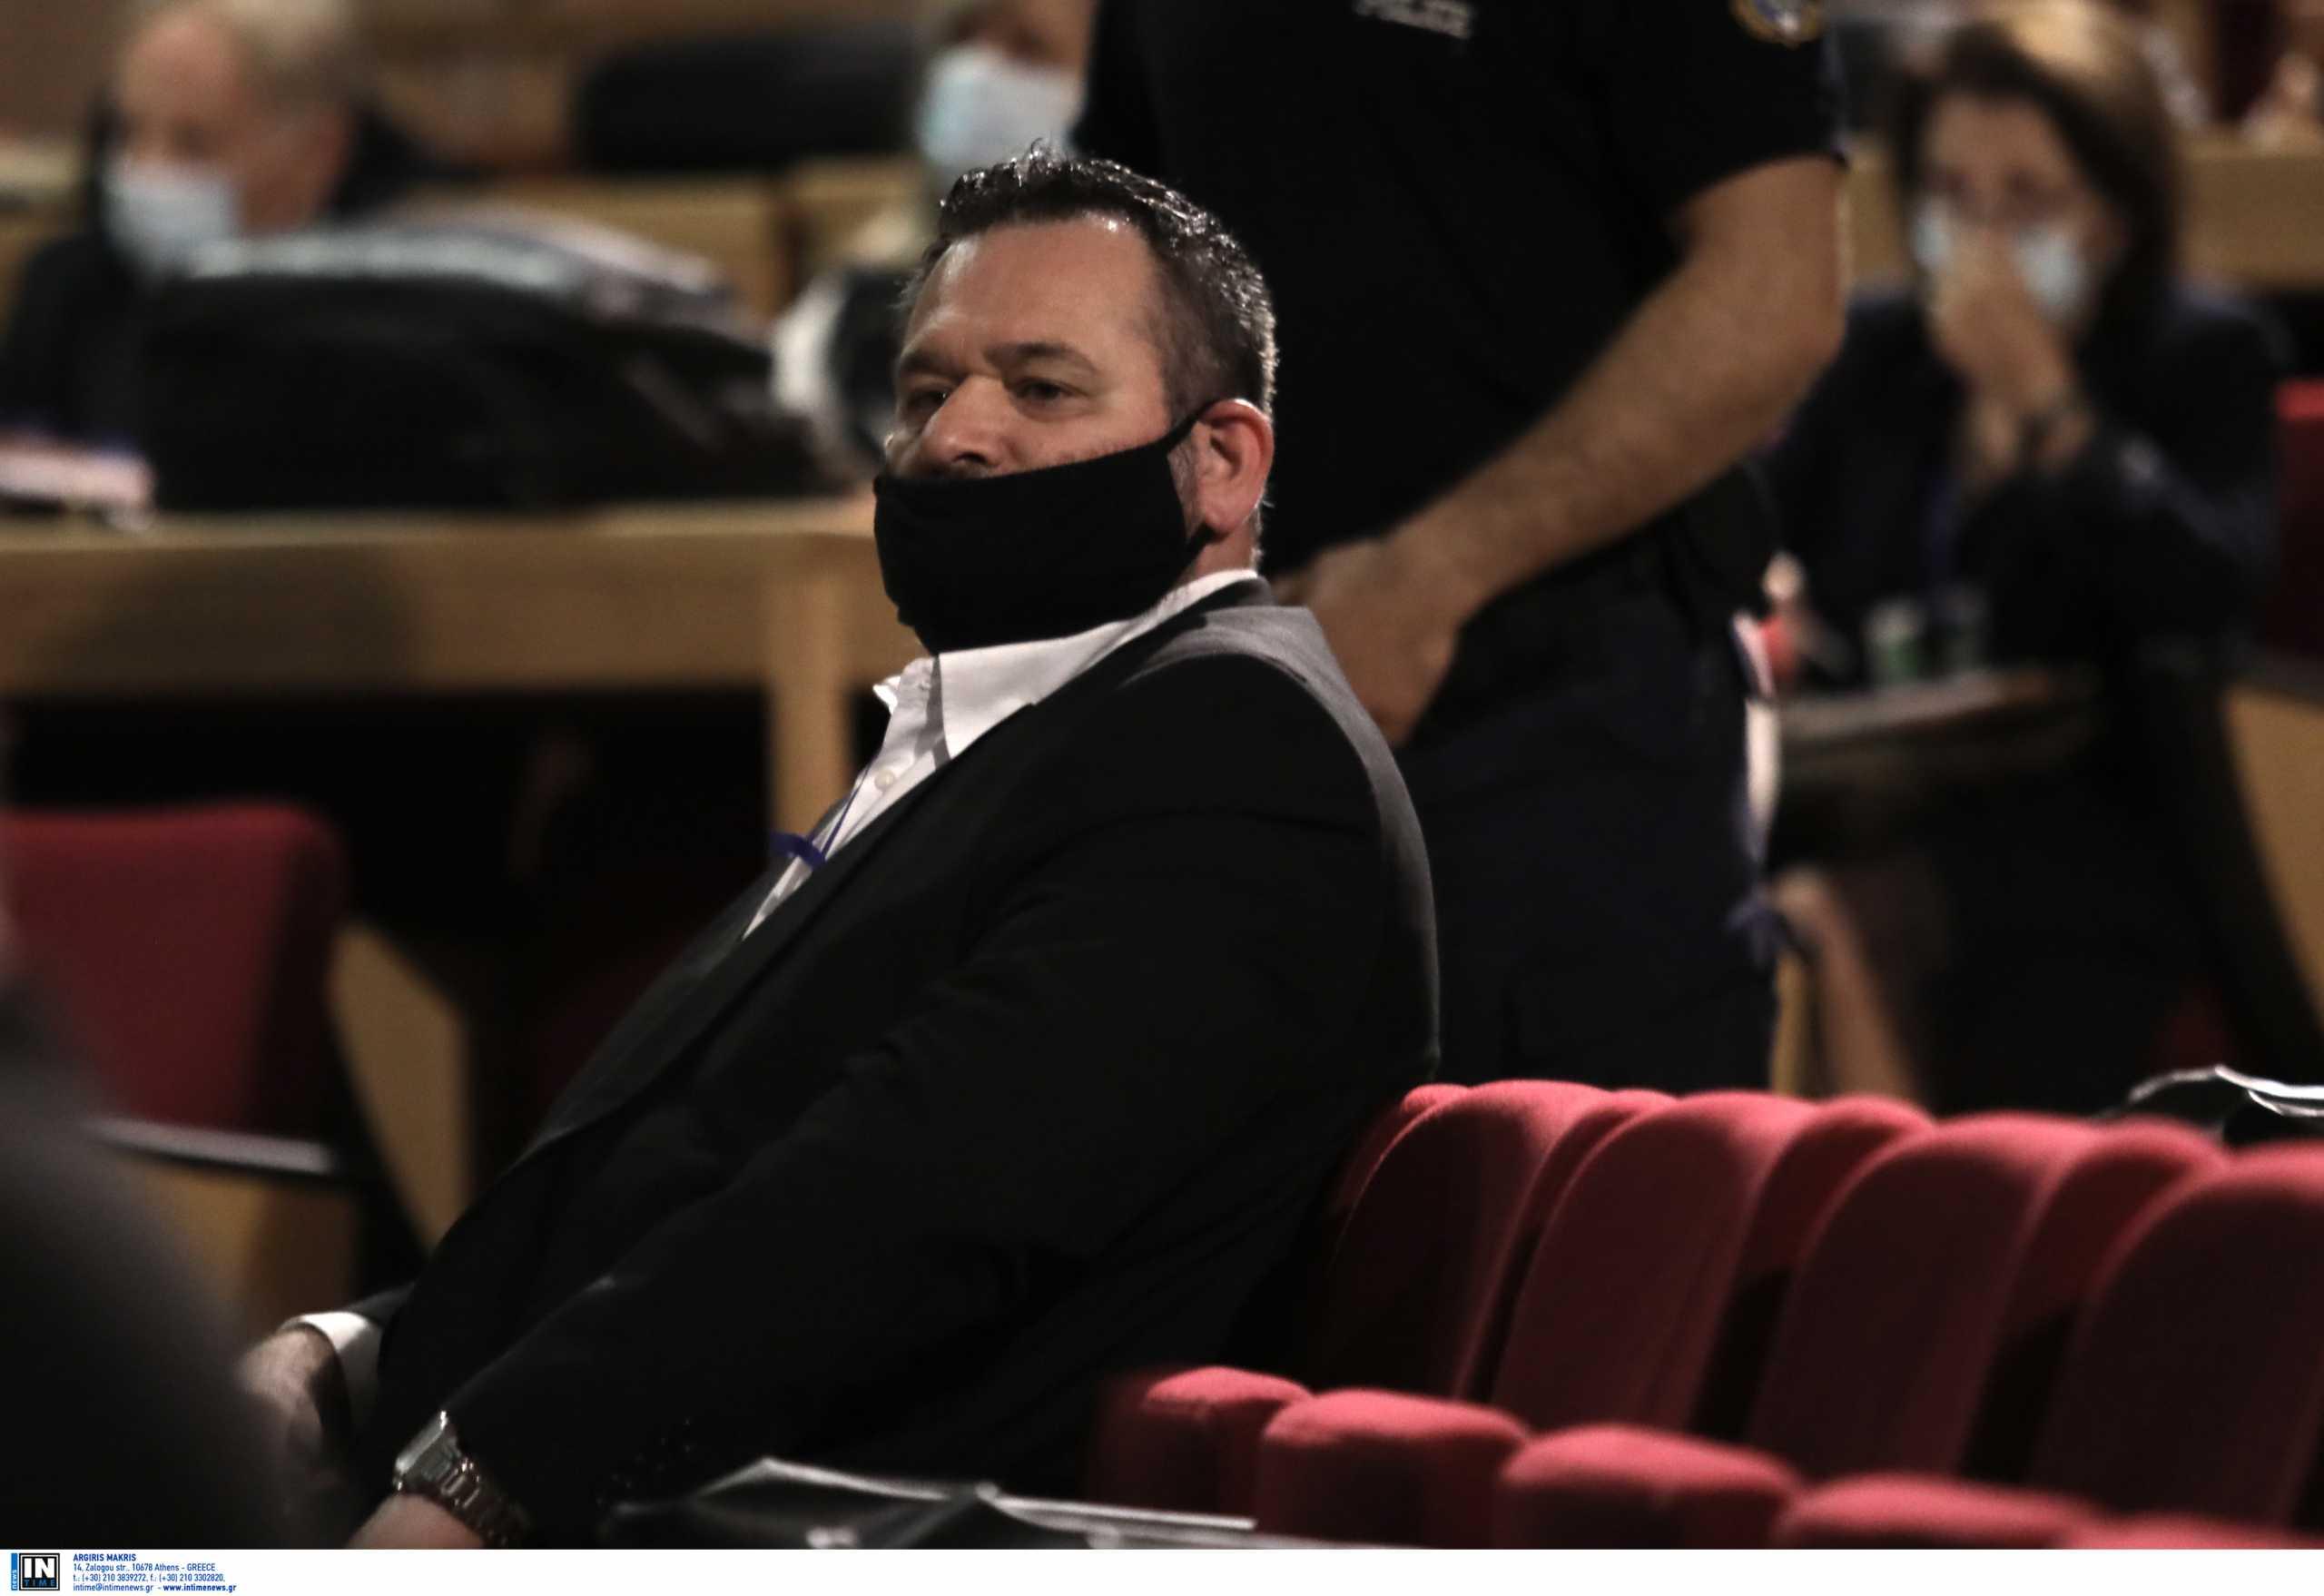 Στις ελληνικές φυλακές την επόμενη εβδομάδα ο Γιάννης Λαγός;